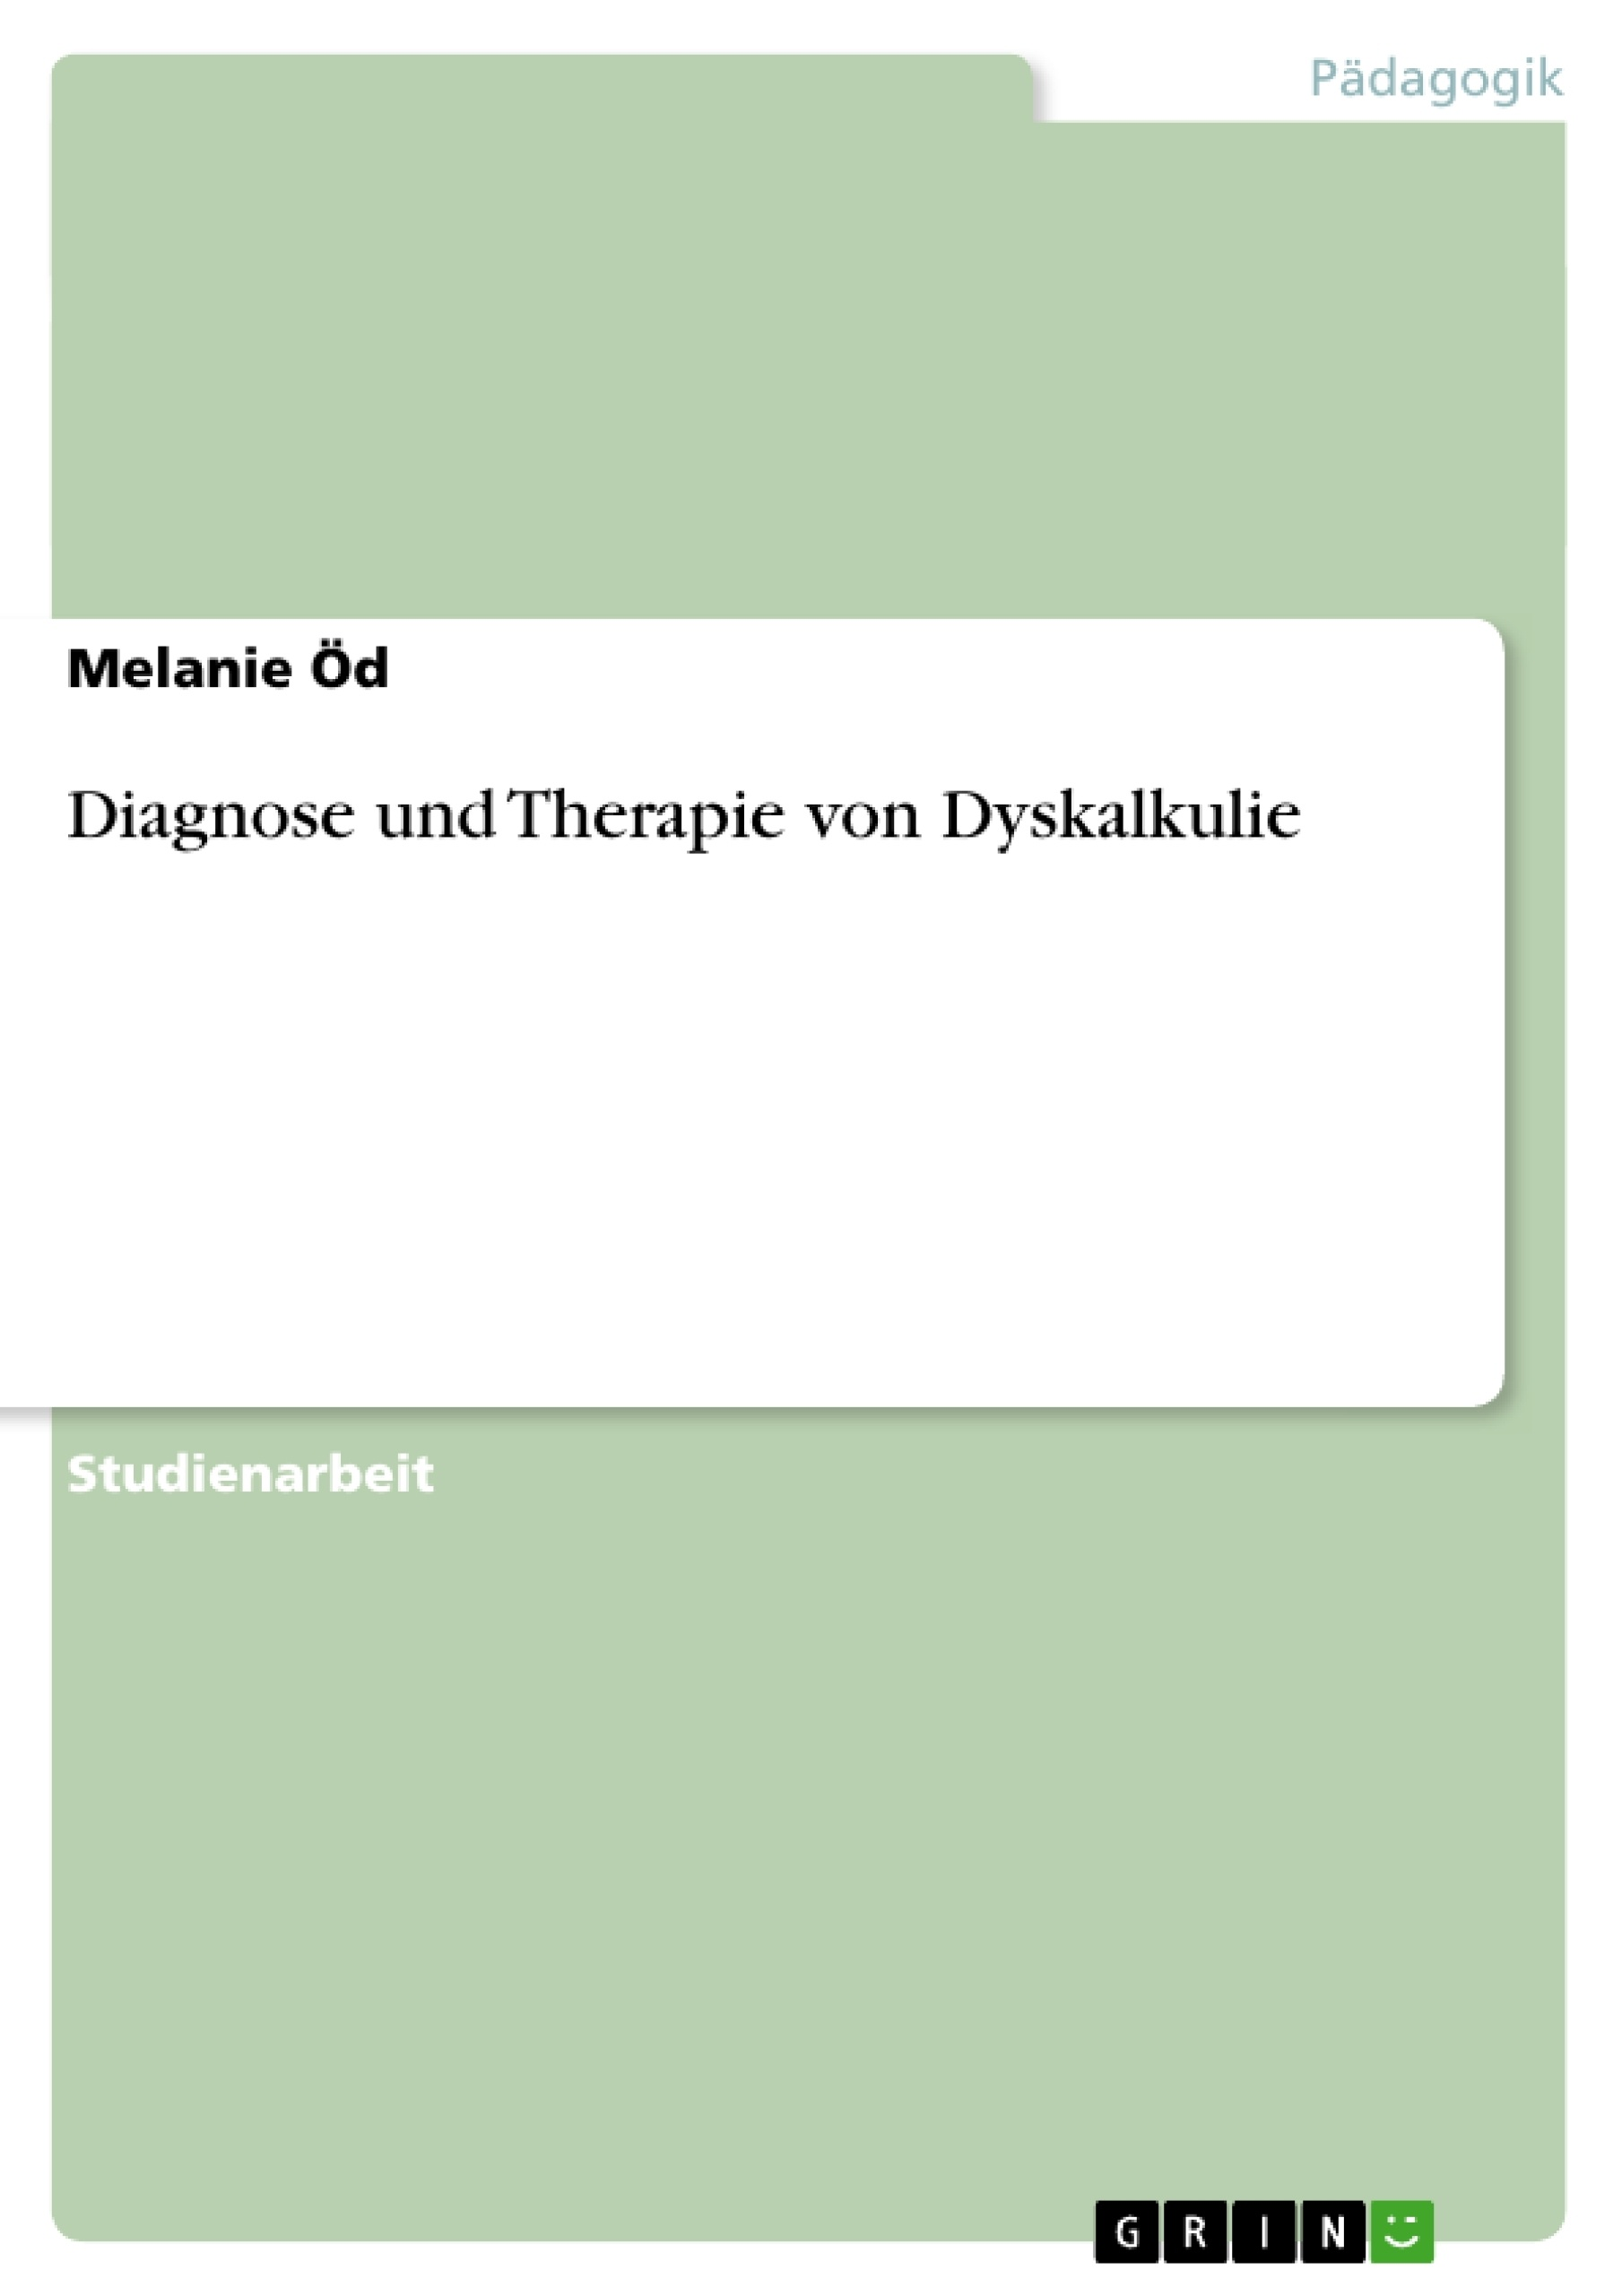 Titel: Diagnose und Therapie von Dyskalkulie